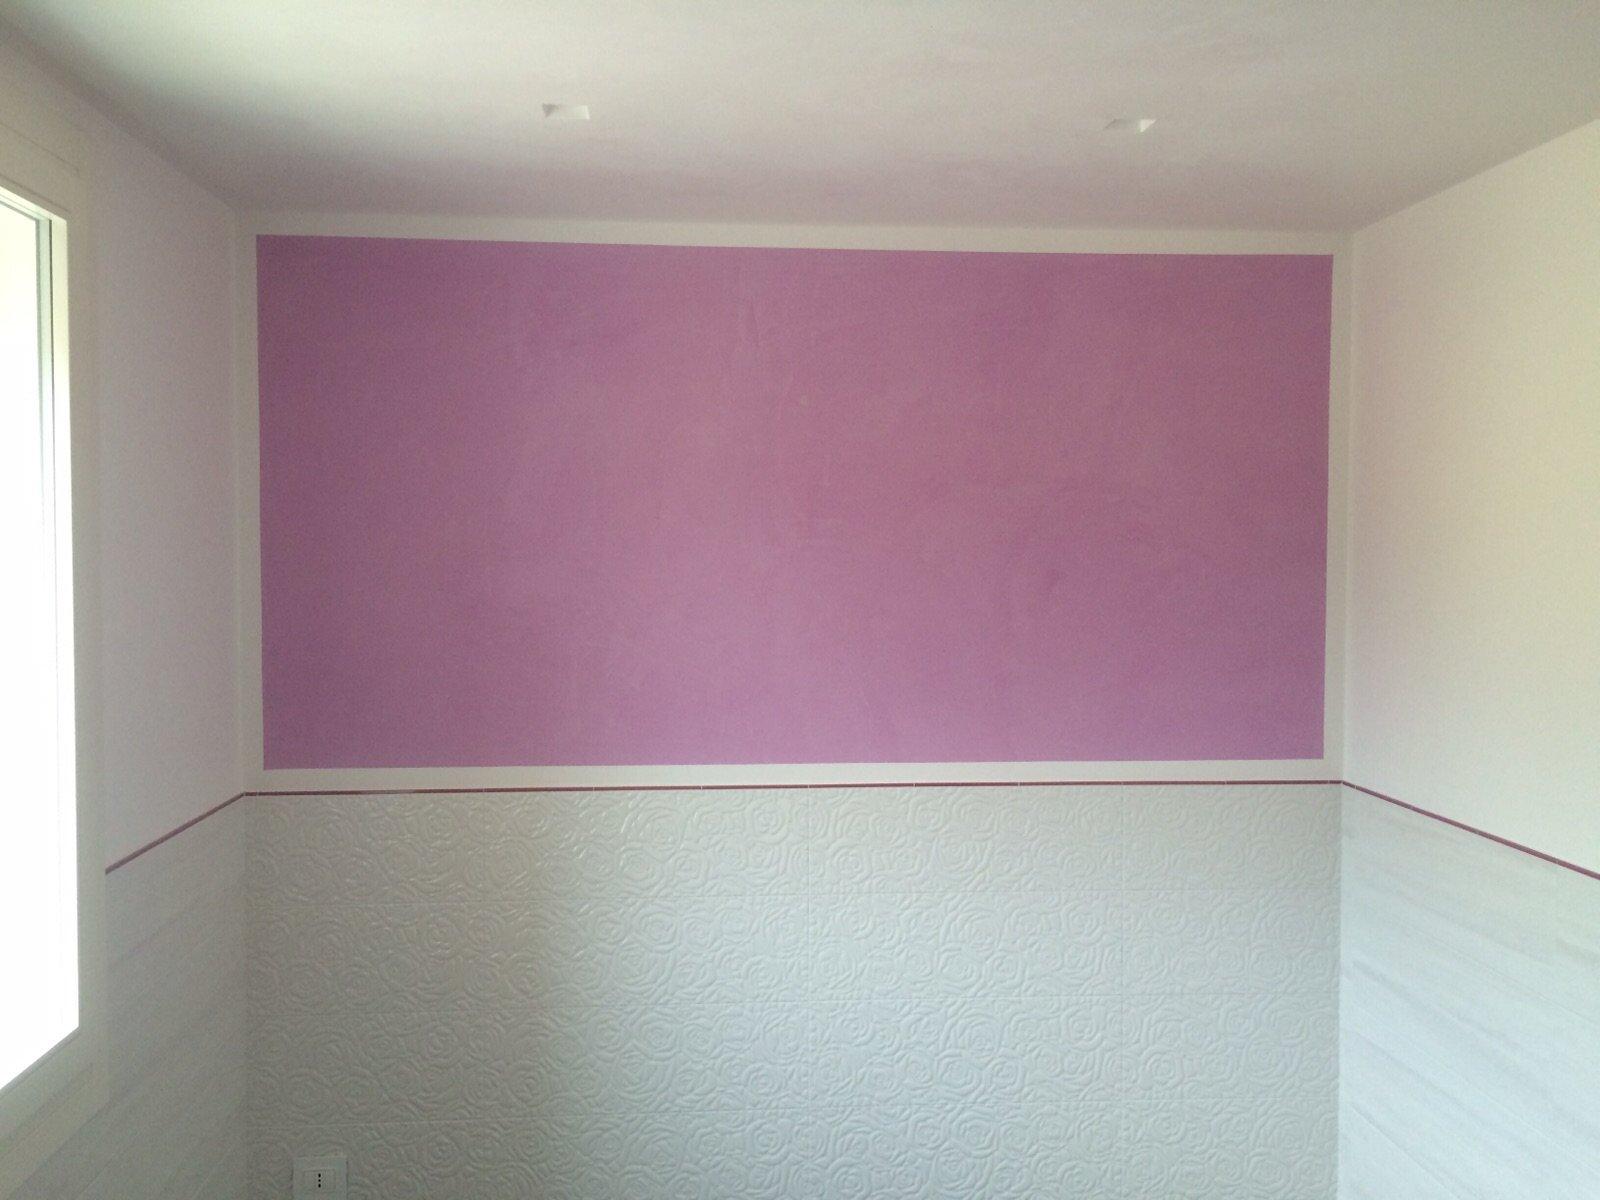 pittura rosa alla parete